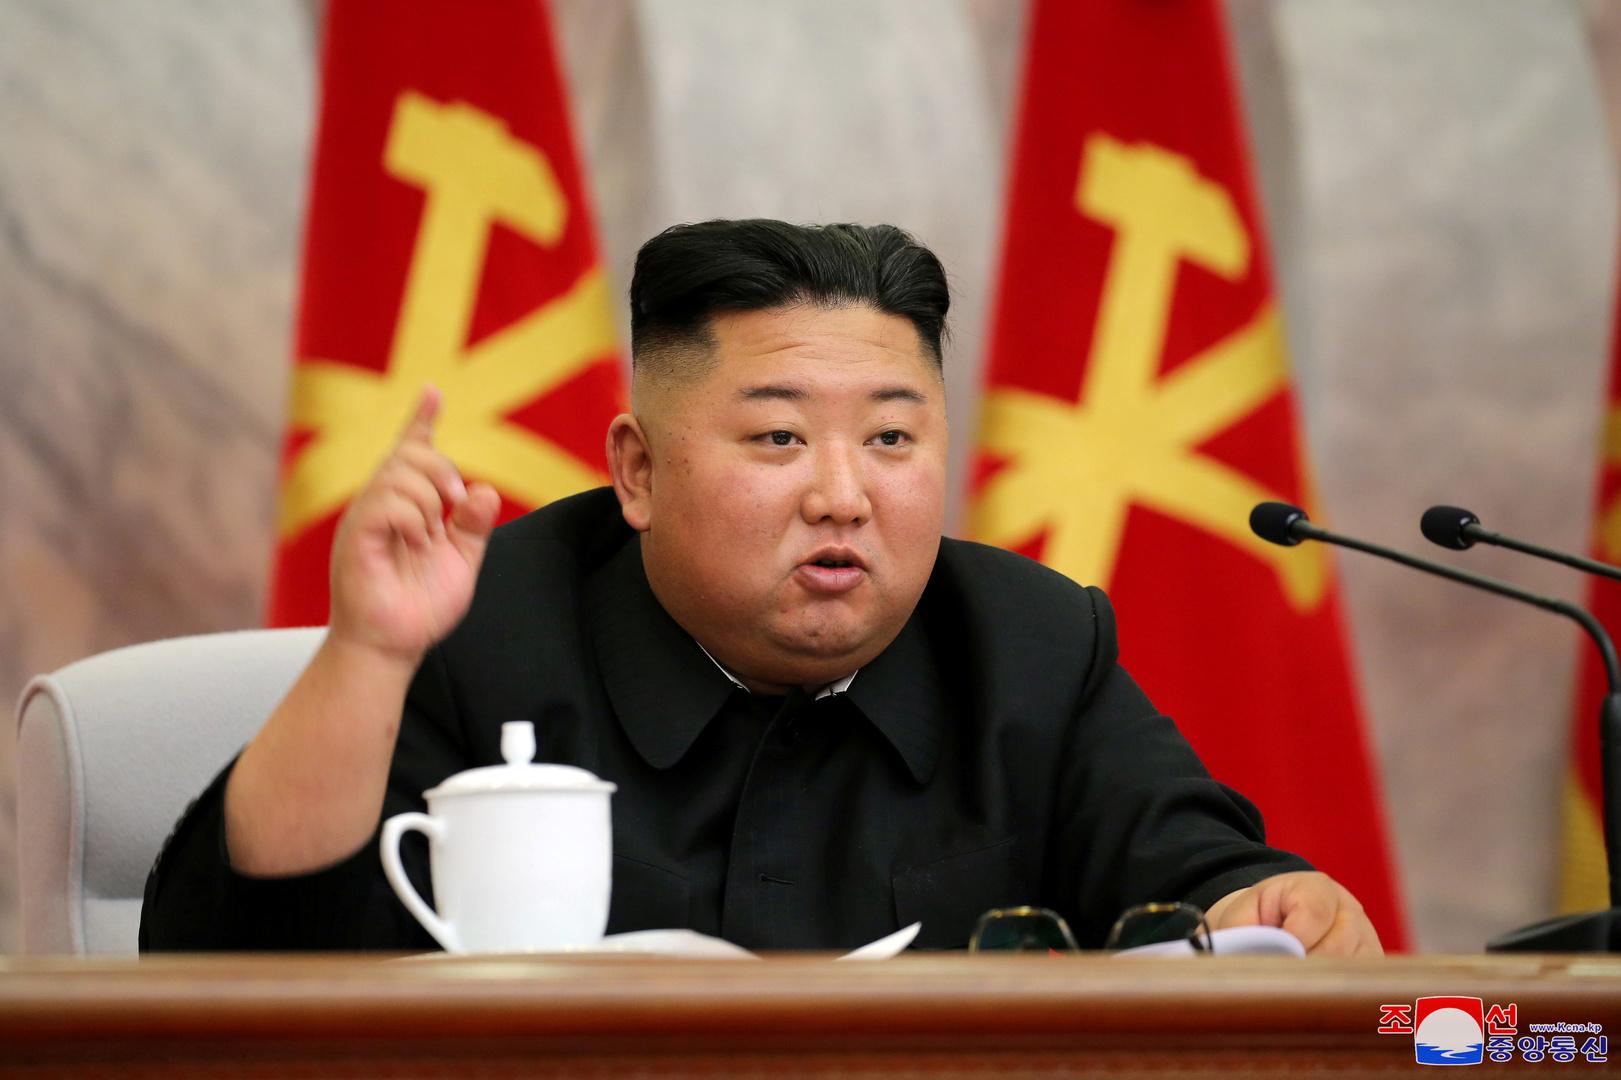 كوريا الشمالية تعد سياسات جديدة لتطوير قدراتها النووية